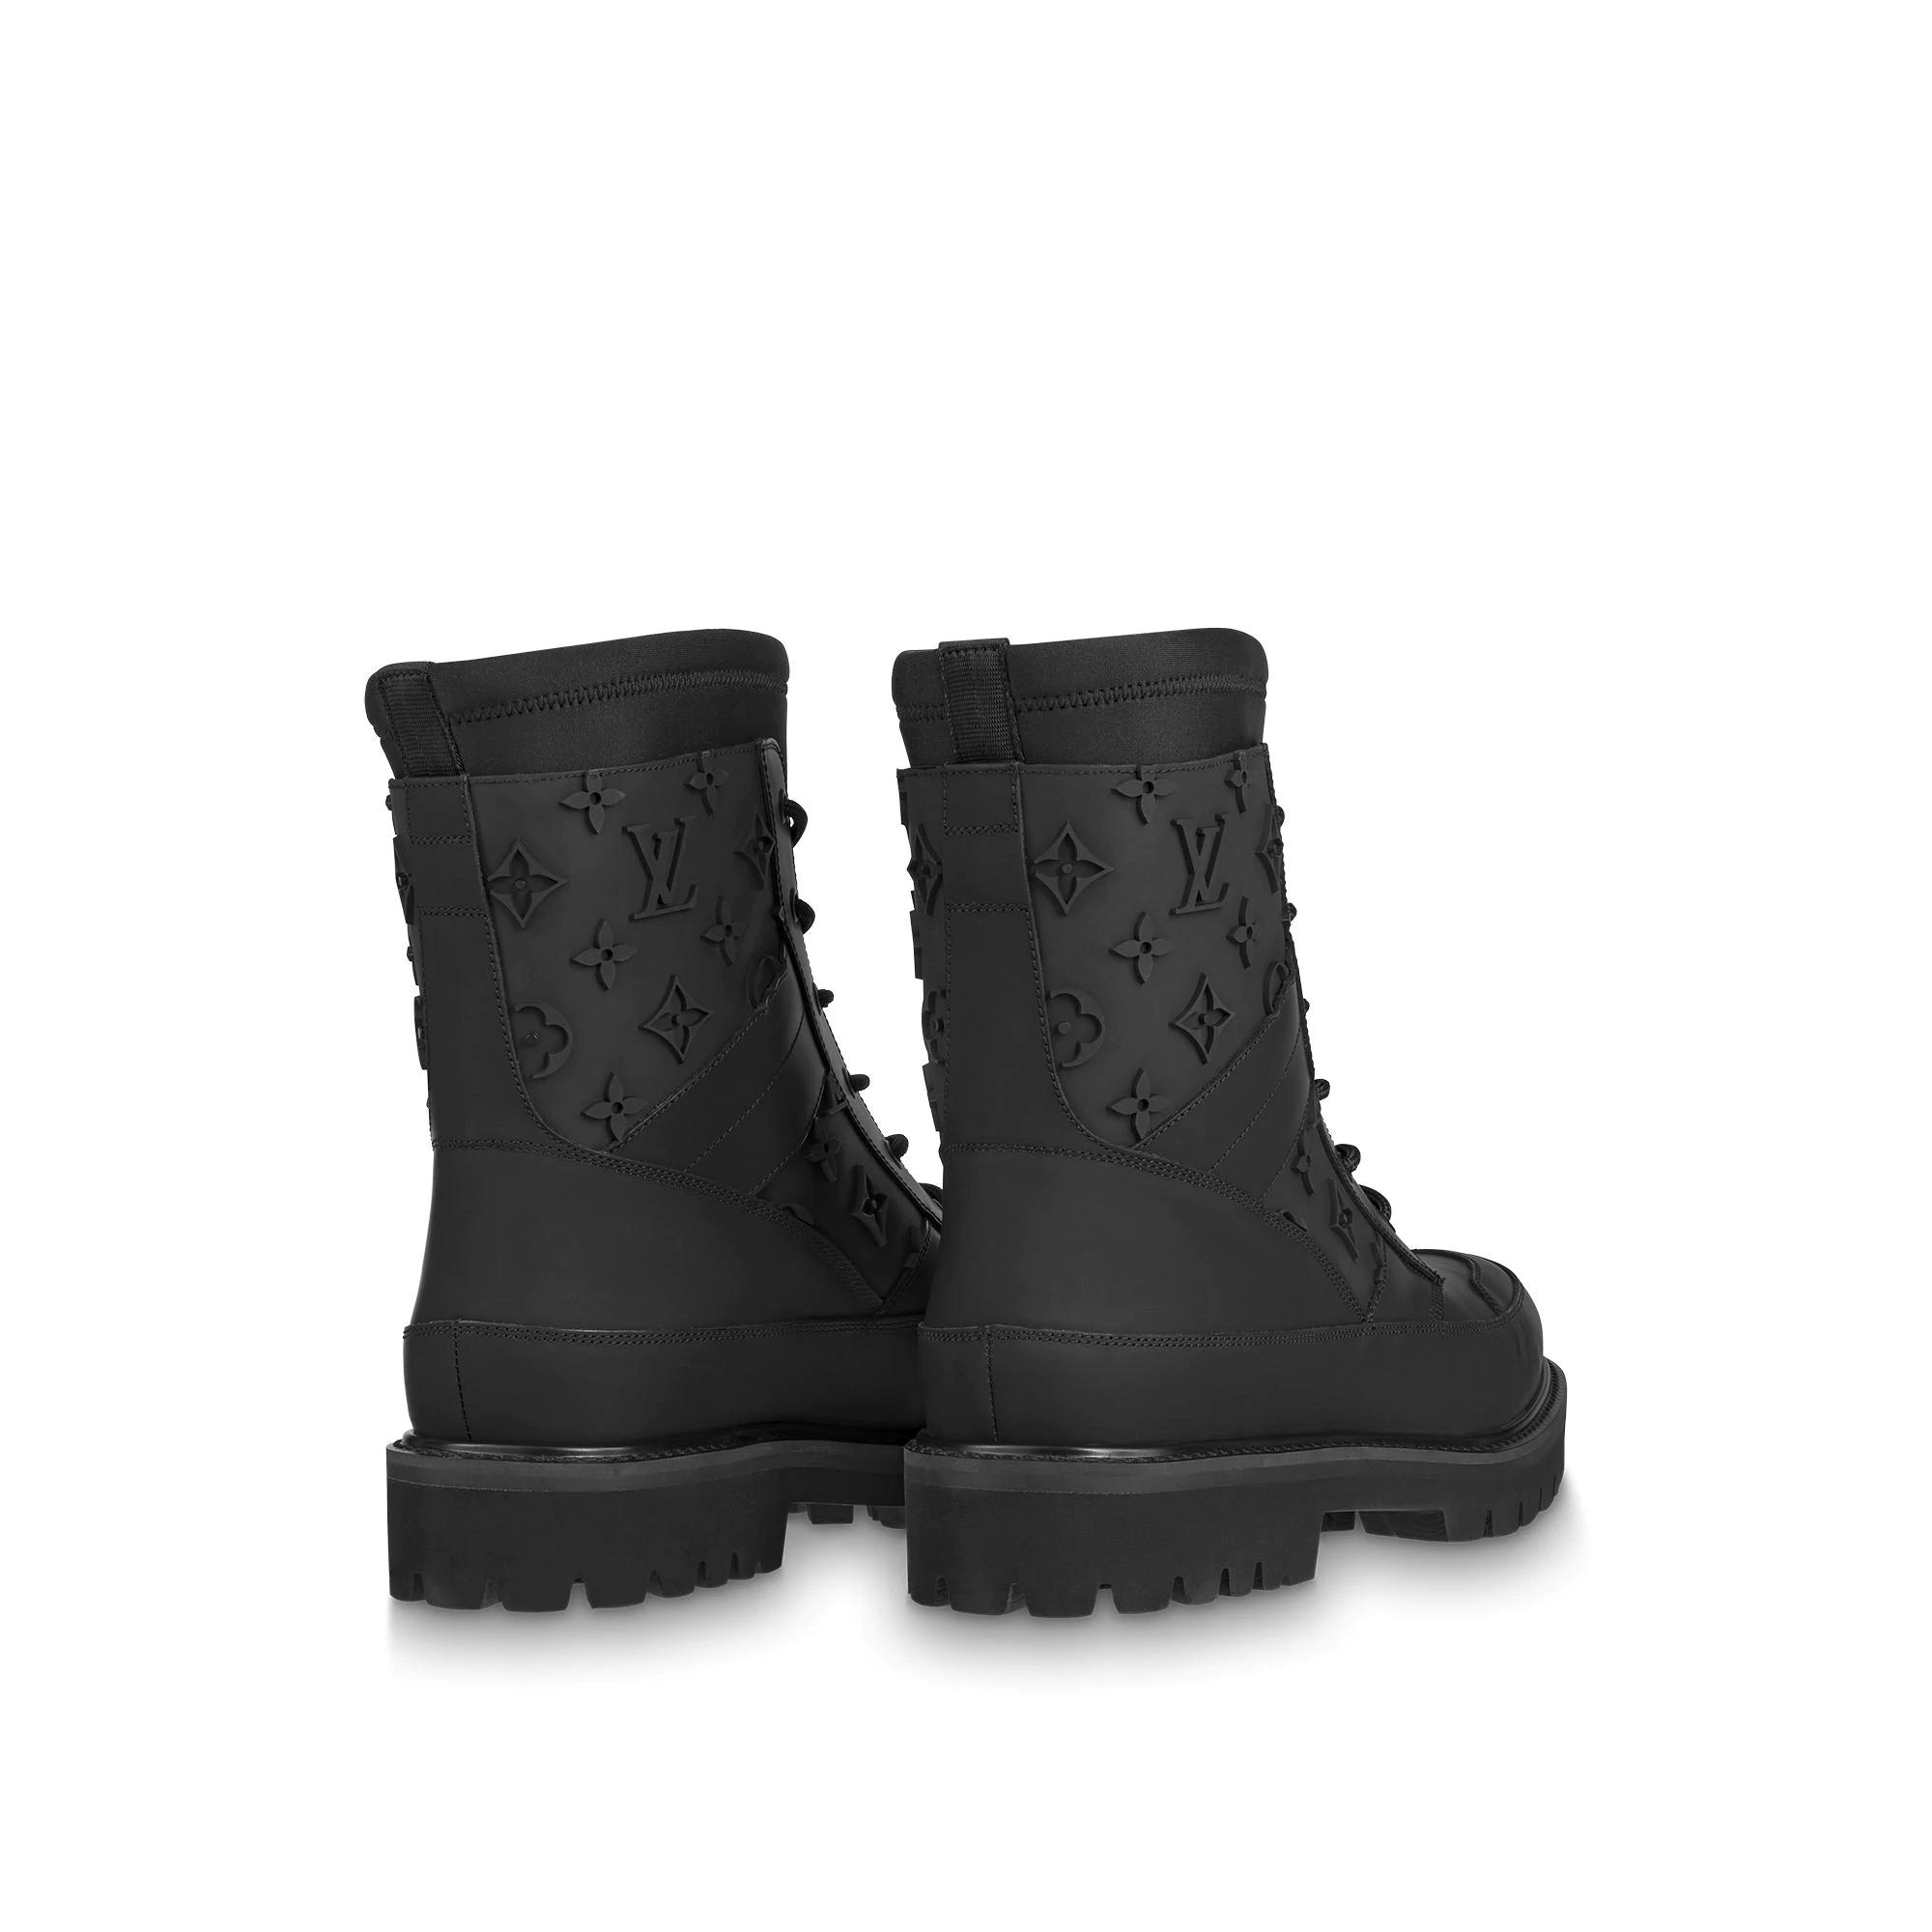 유럽직배송 루이비통 LOUIS VUITTON Landscape Ankle Boots 1A7P83